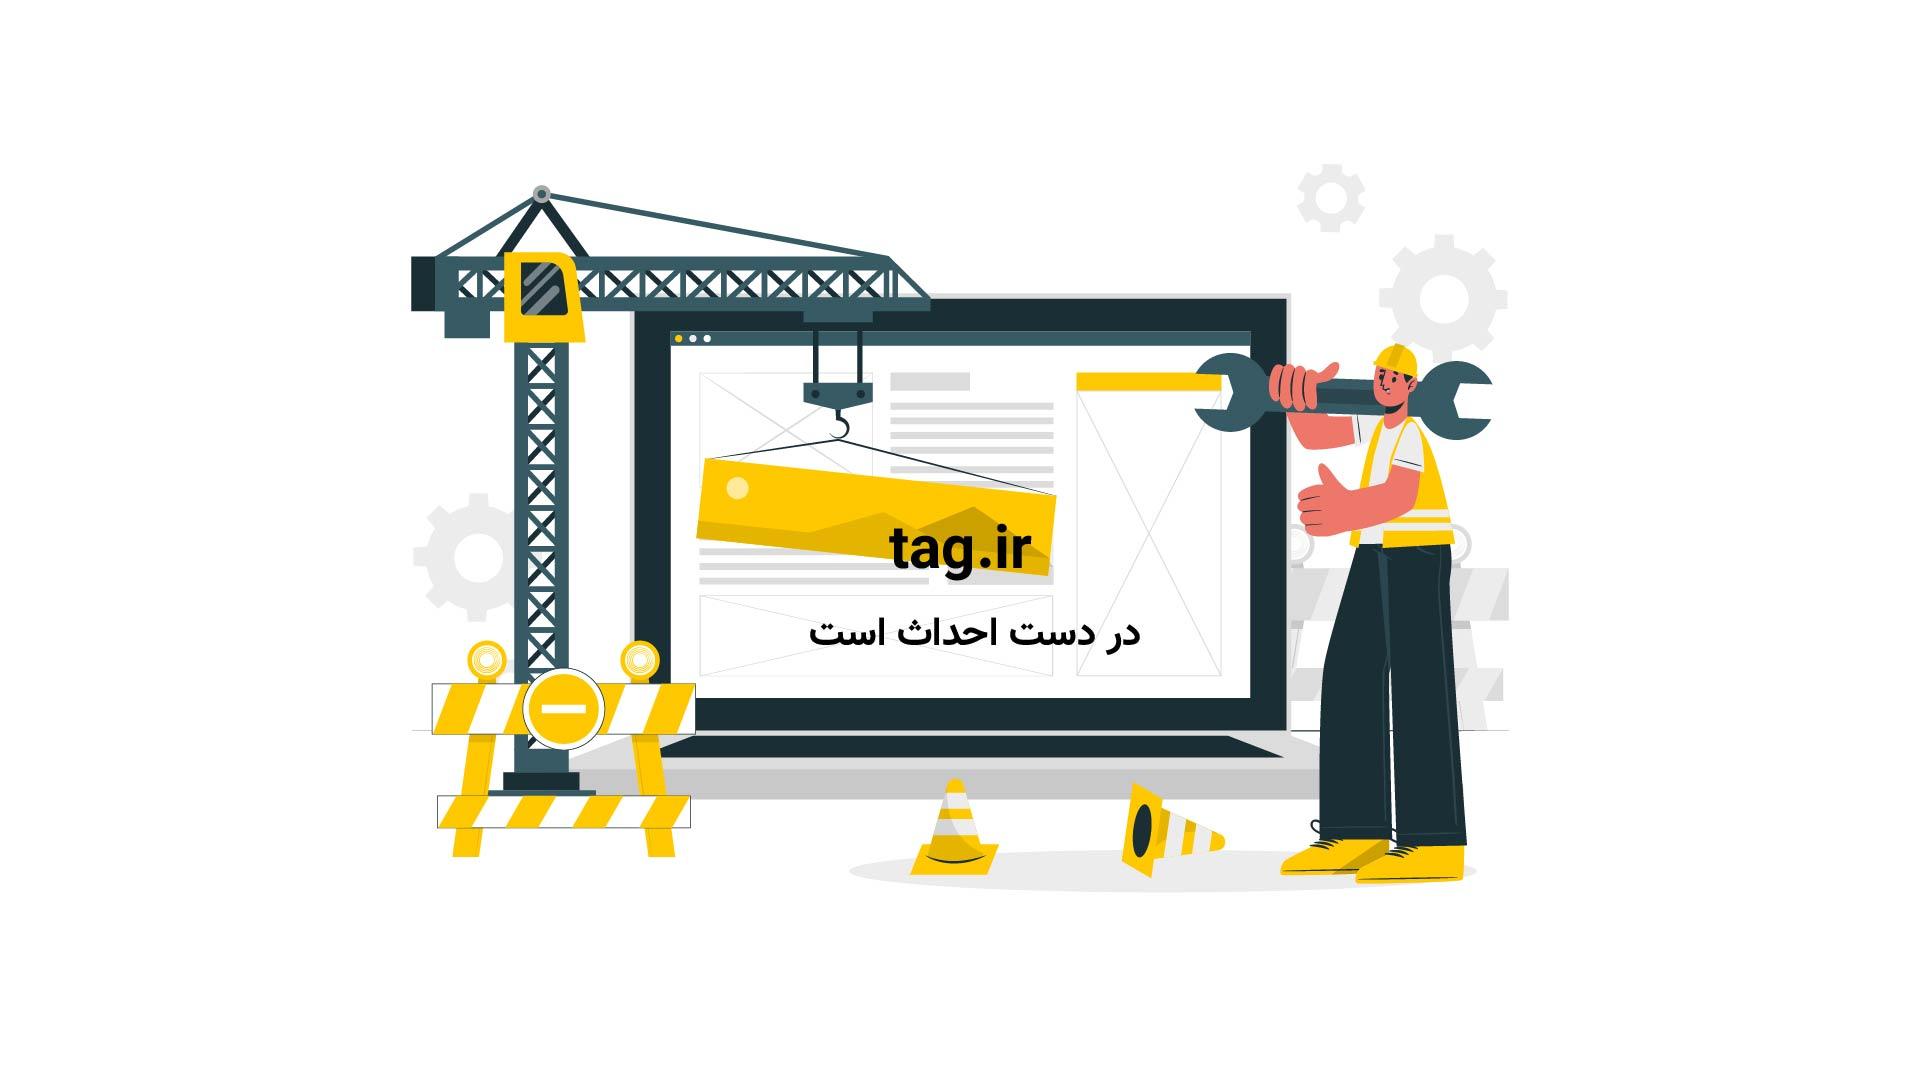 گزارش مسابقه والیبال ایران - روسیه المپیک ریو + فیلم